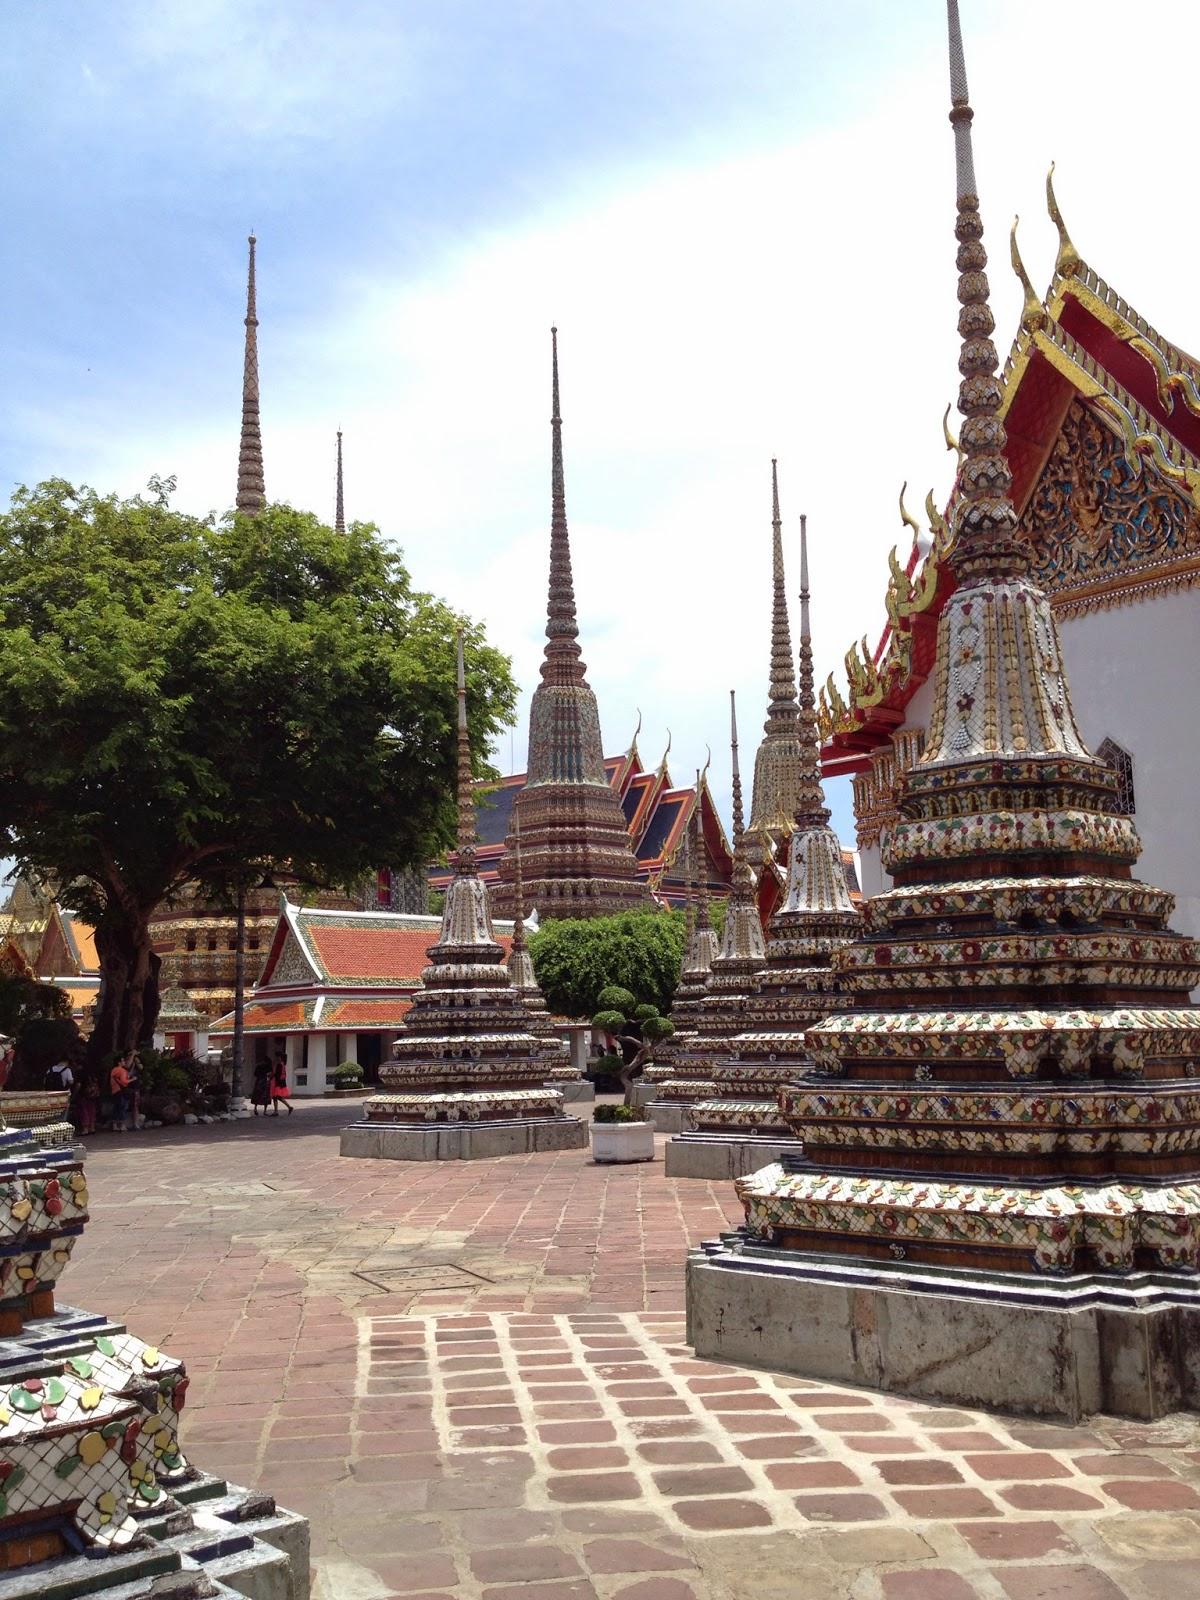 Bangkok - Wat Pho - Smaller chedis contain the ashes of the royal family